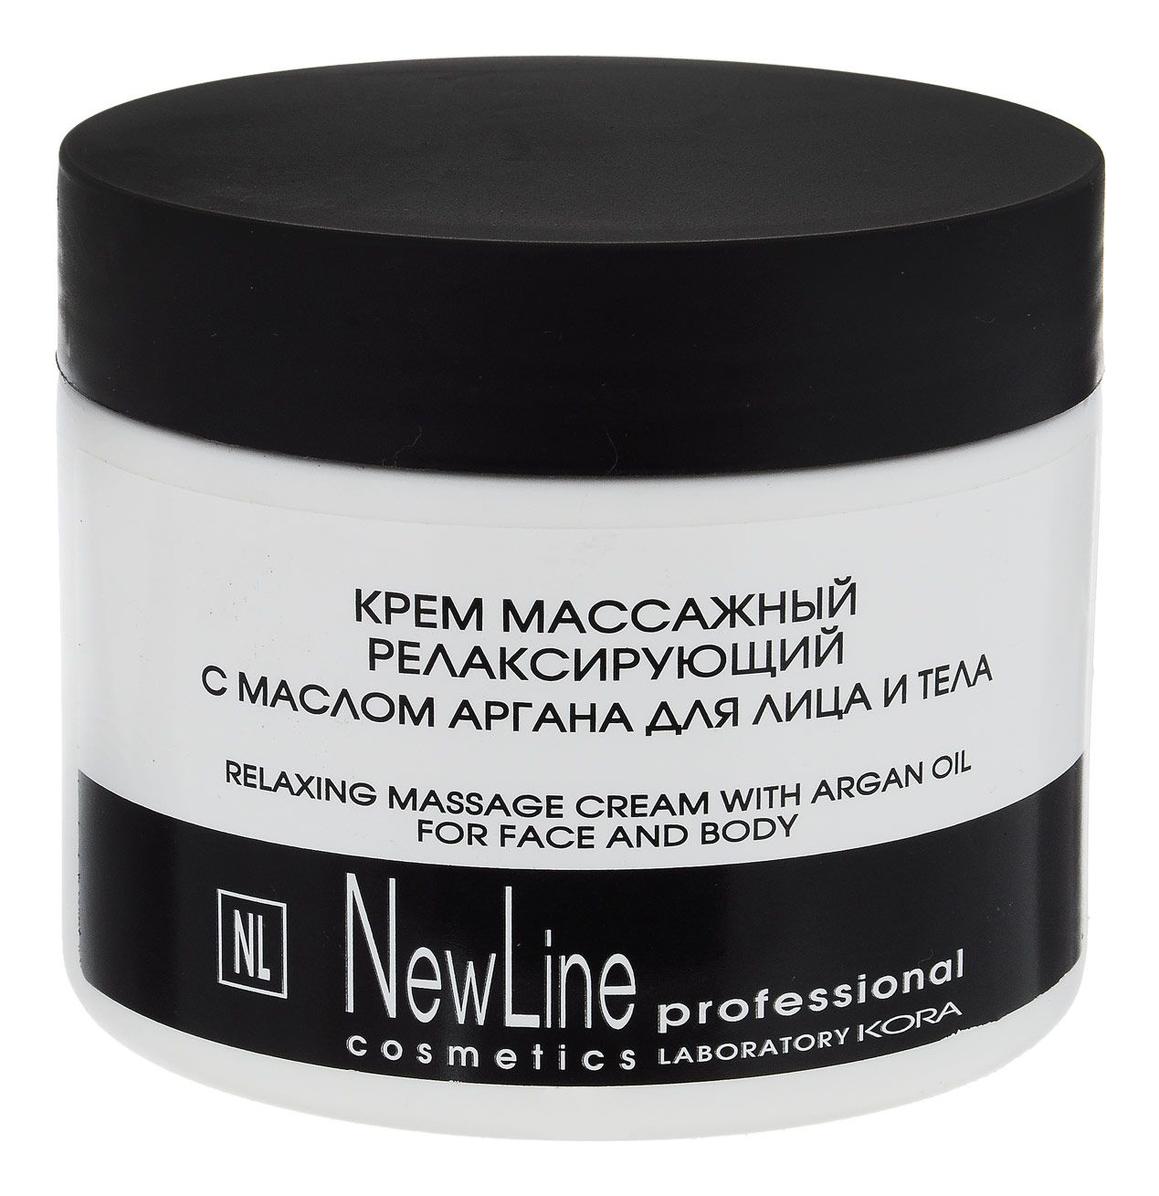 Крем массажный для лица и тела с маслом арганы Relaxing Massage Cream With Argan Oil For Face And Body 300мл